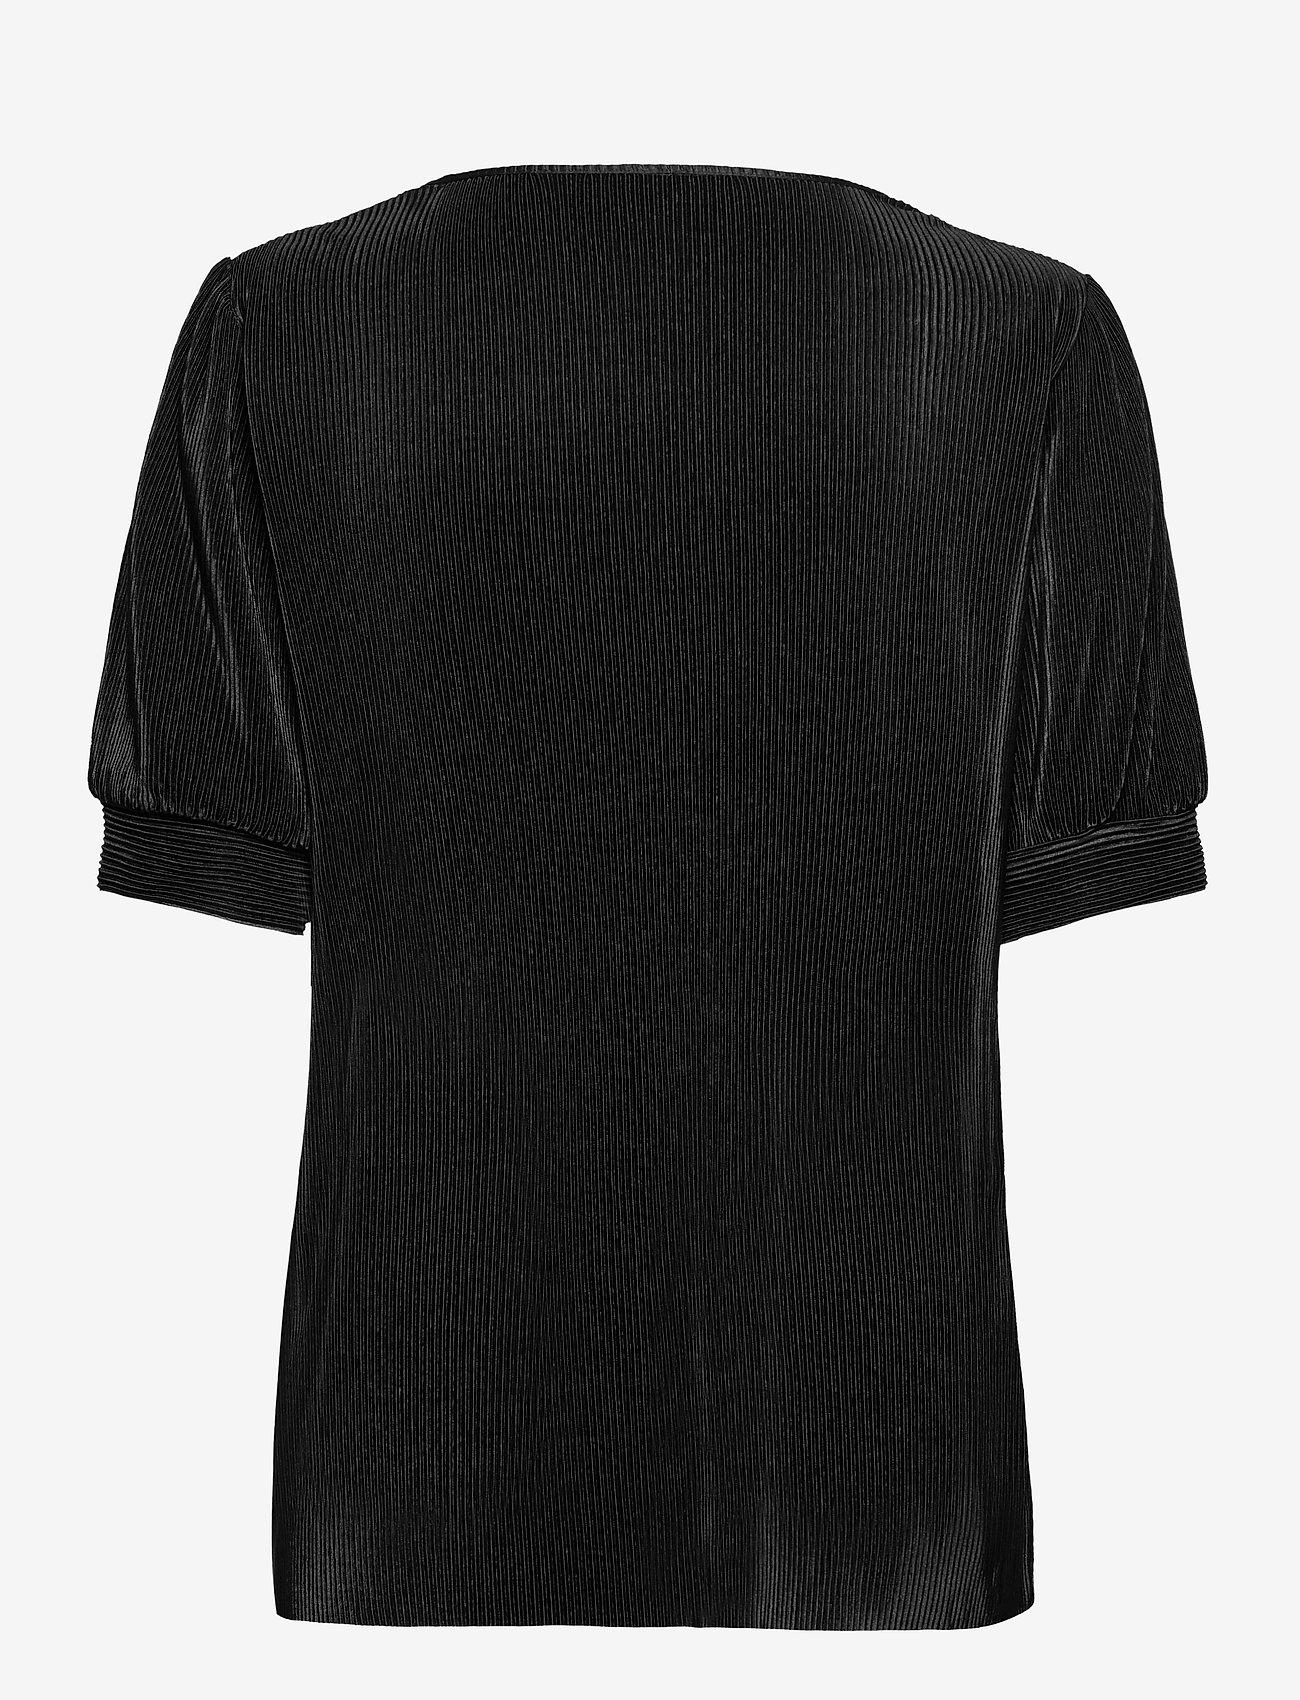 Soyaconcept - SC-NELLIE - short-sleeved blouses - black - 1